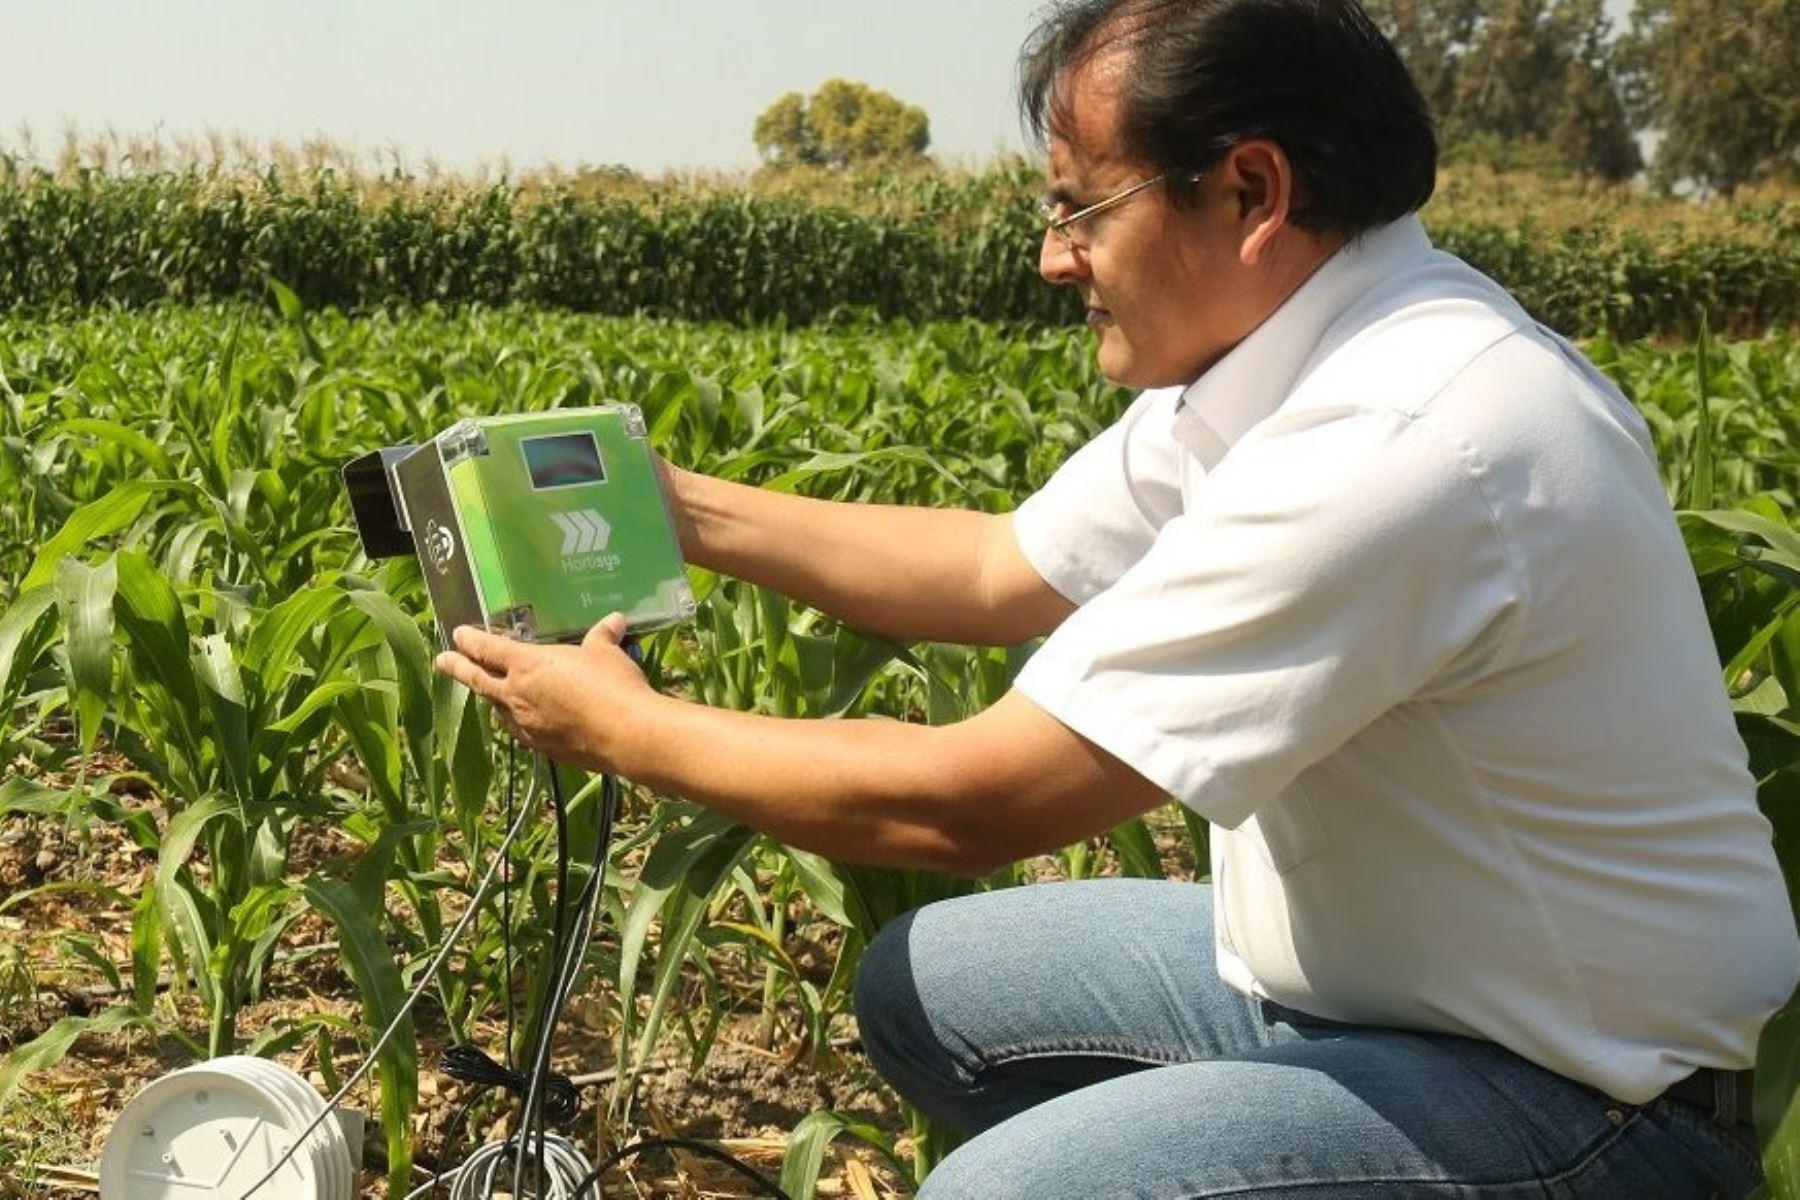 Minagri aplica sensores remotos para medir calidad de suelos agrícolas